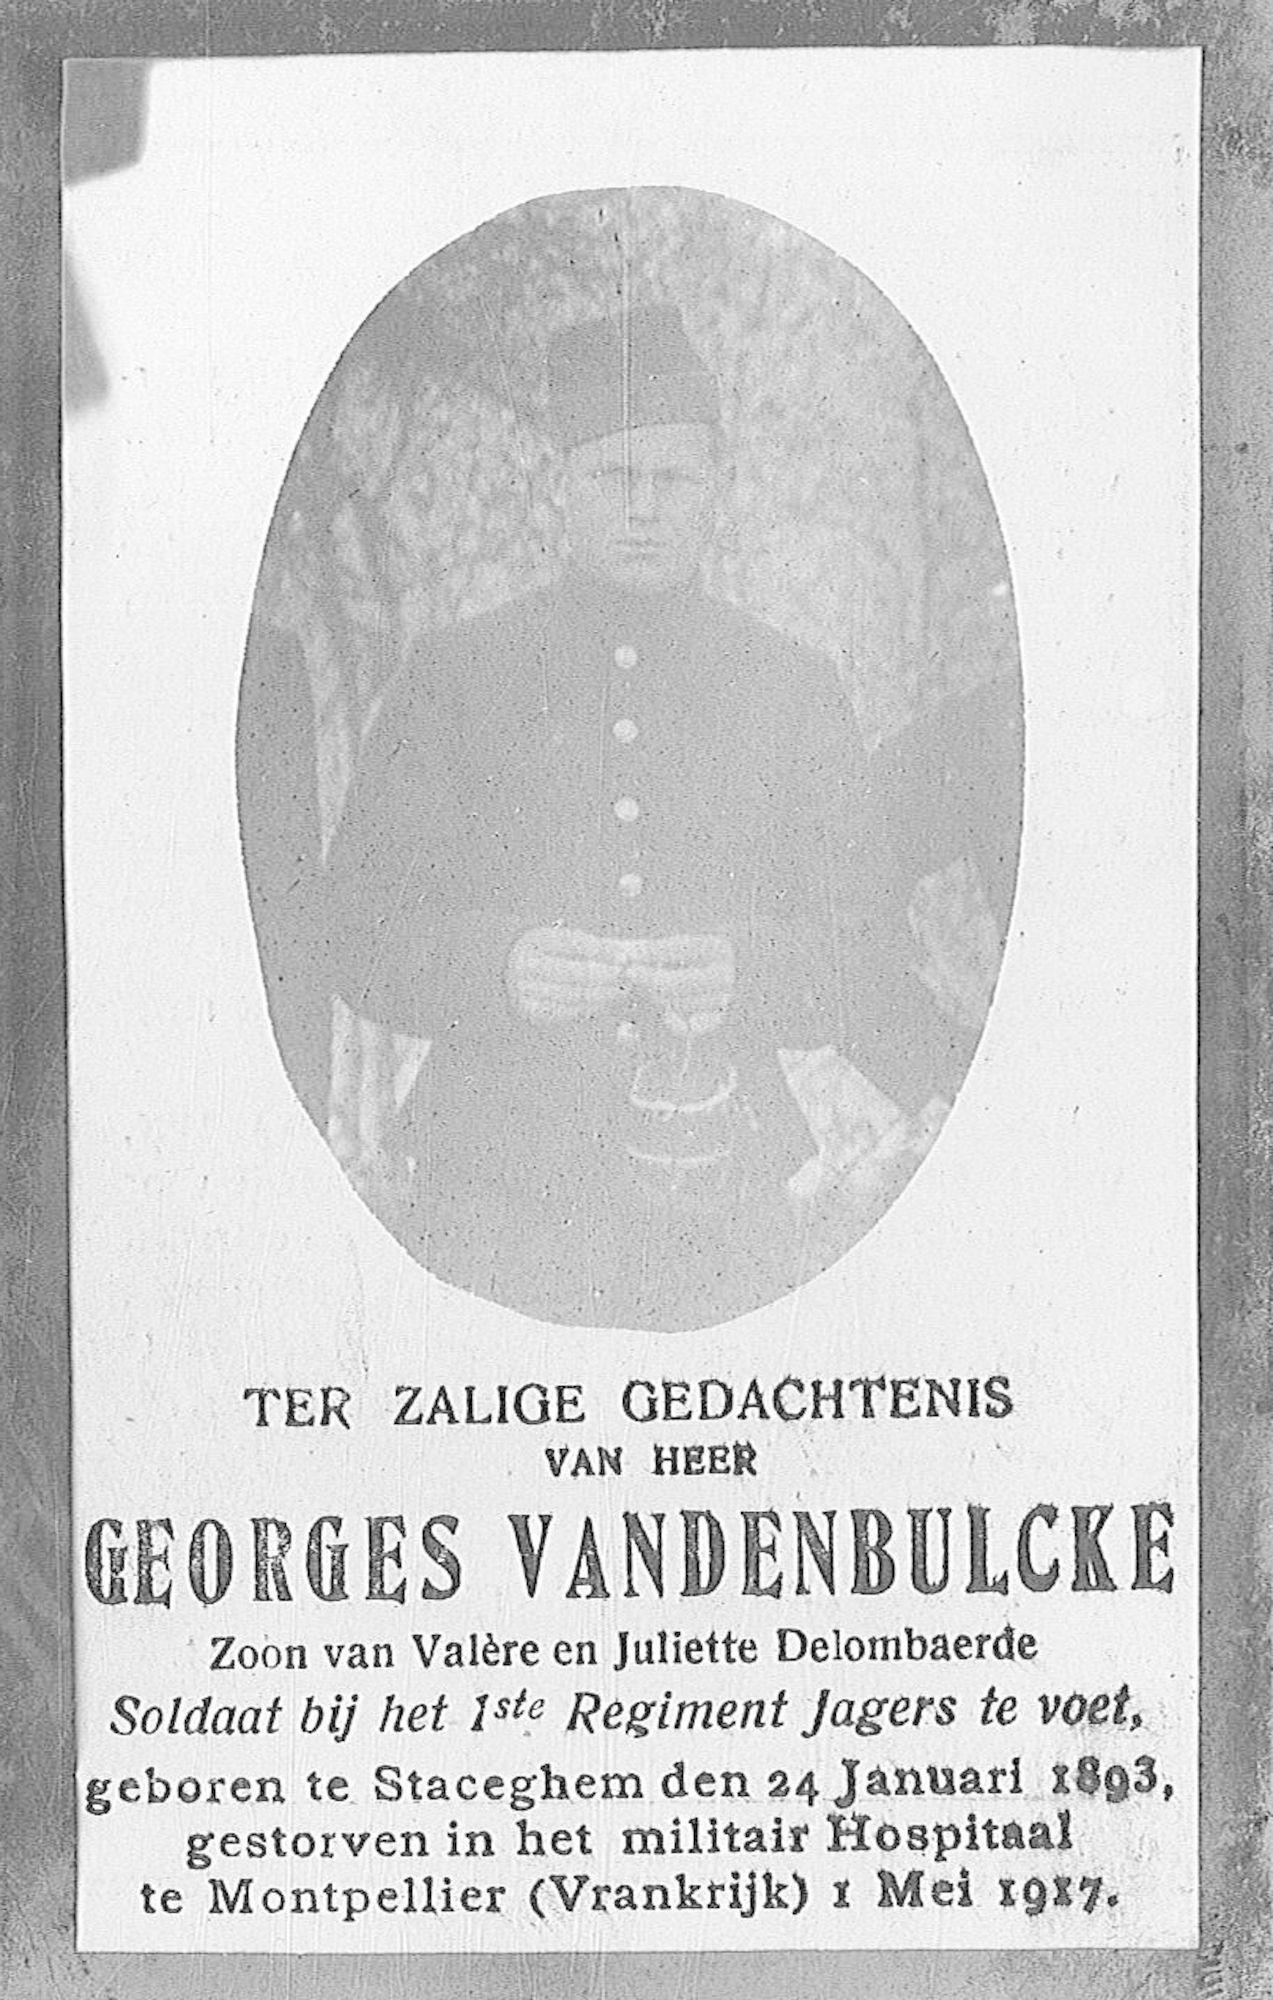 Georges Vandenbulcke